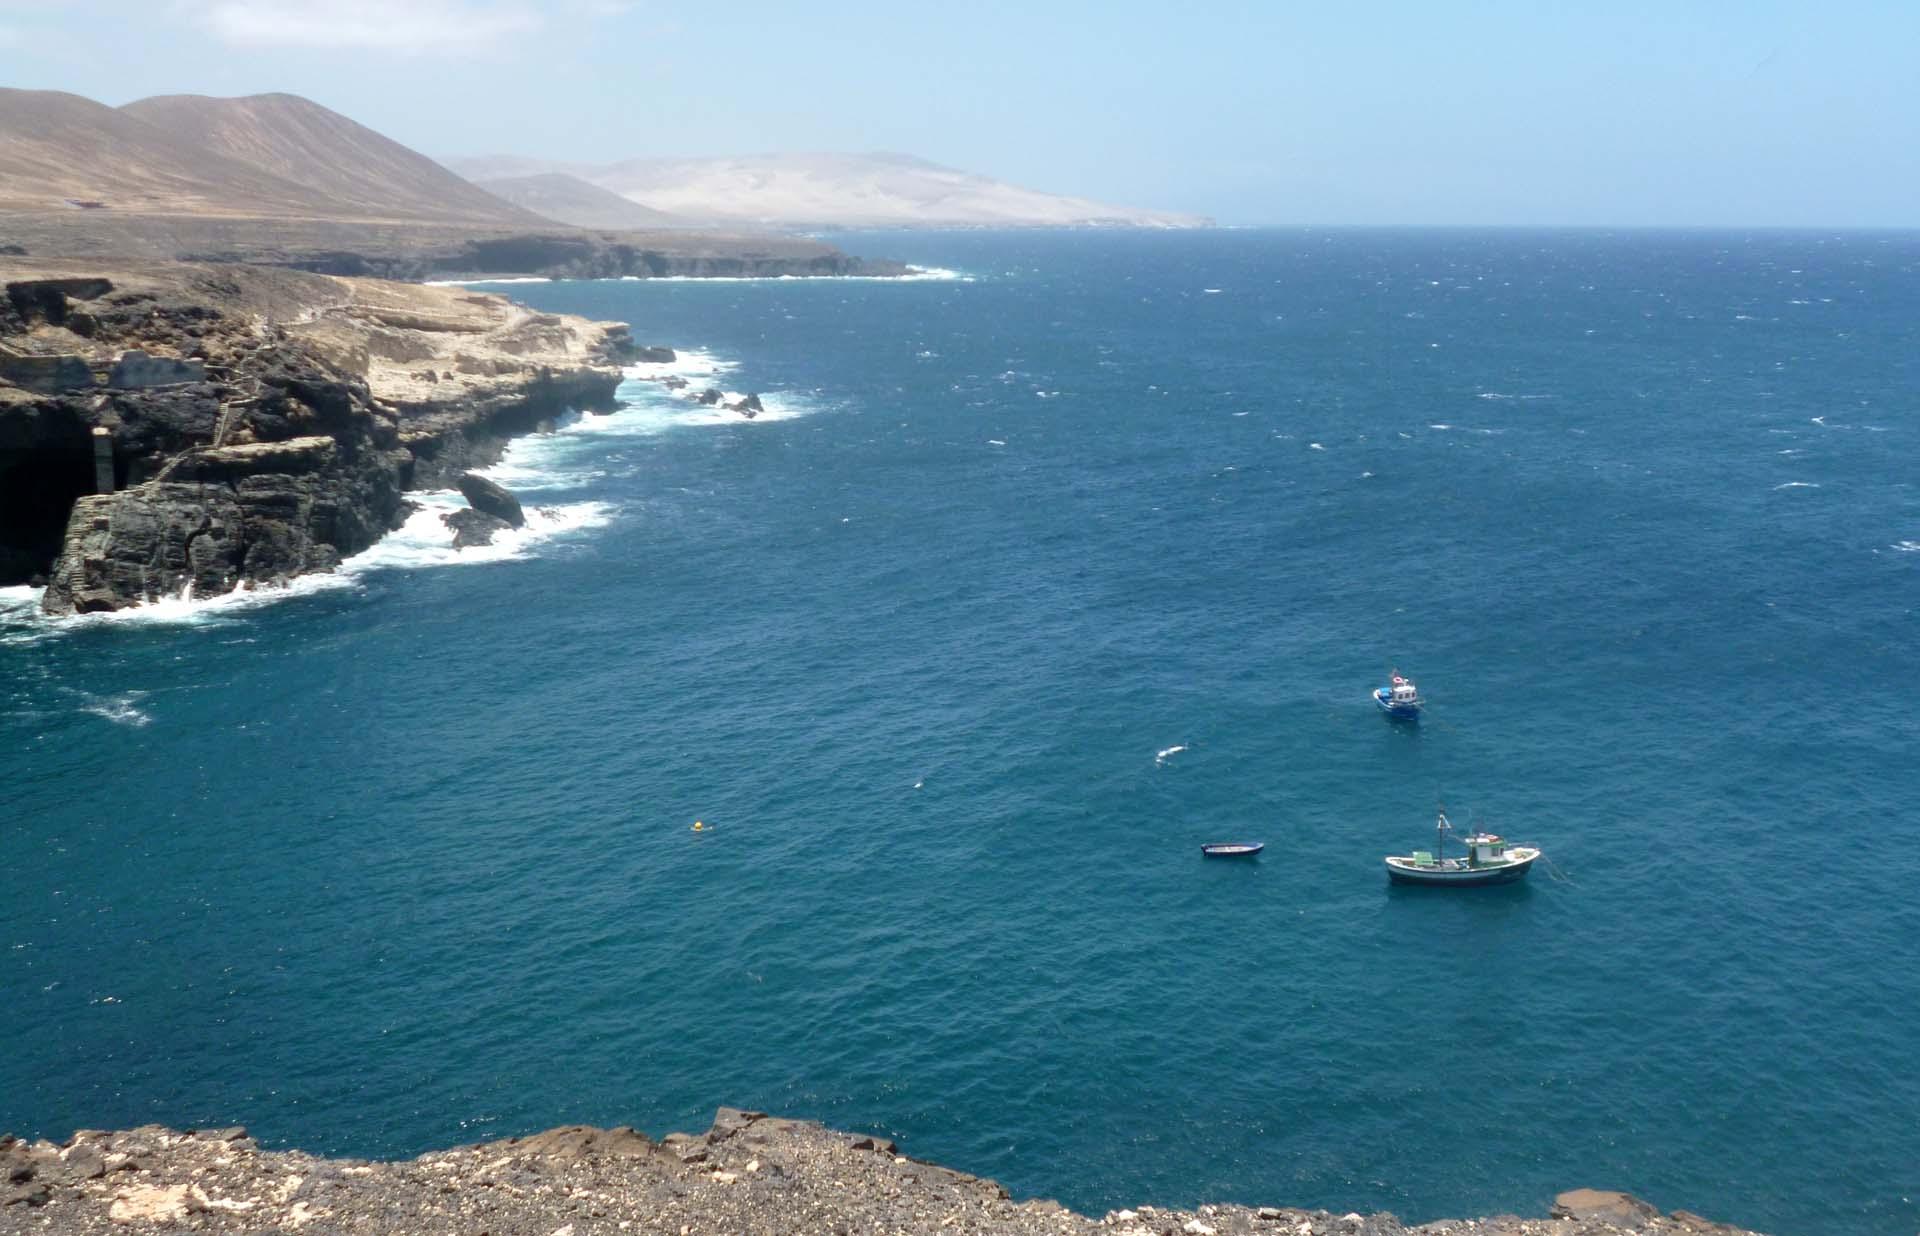 Fuerteventura panorama oceano Atlantico